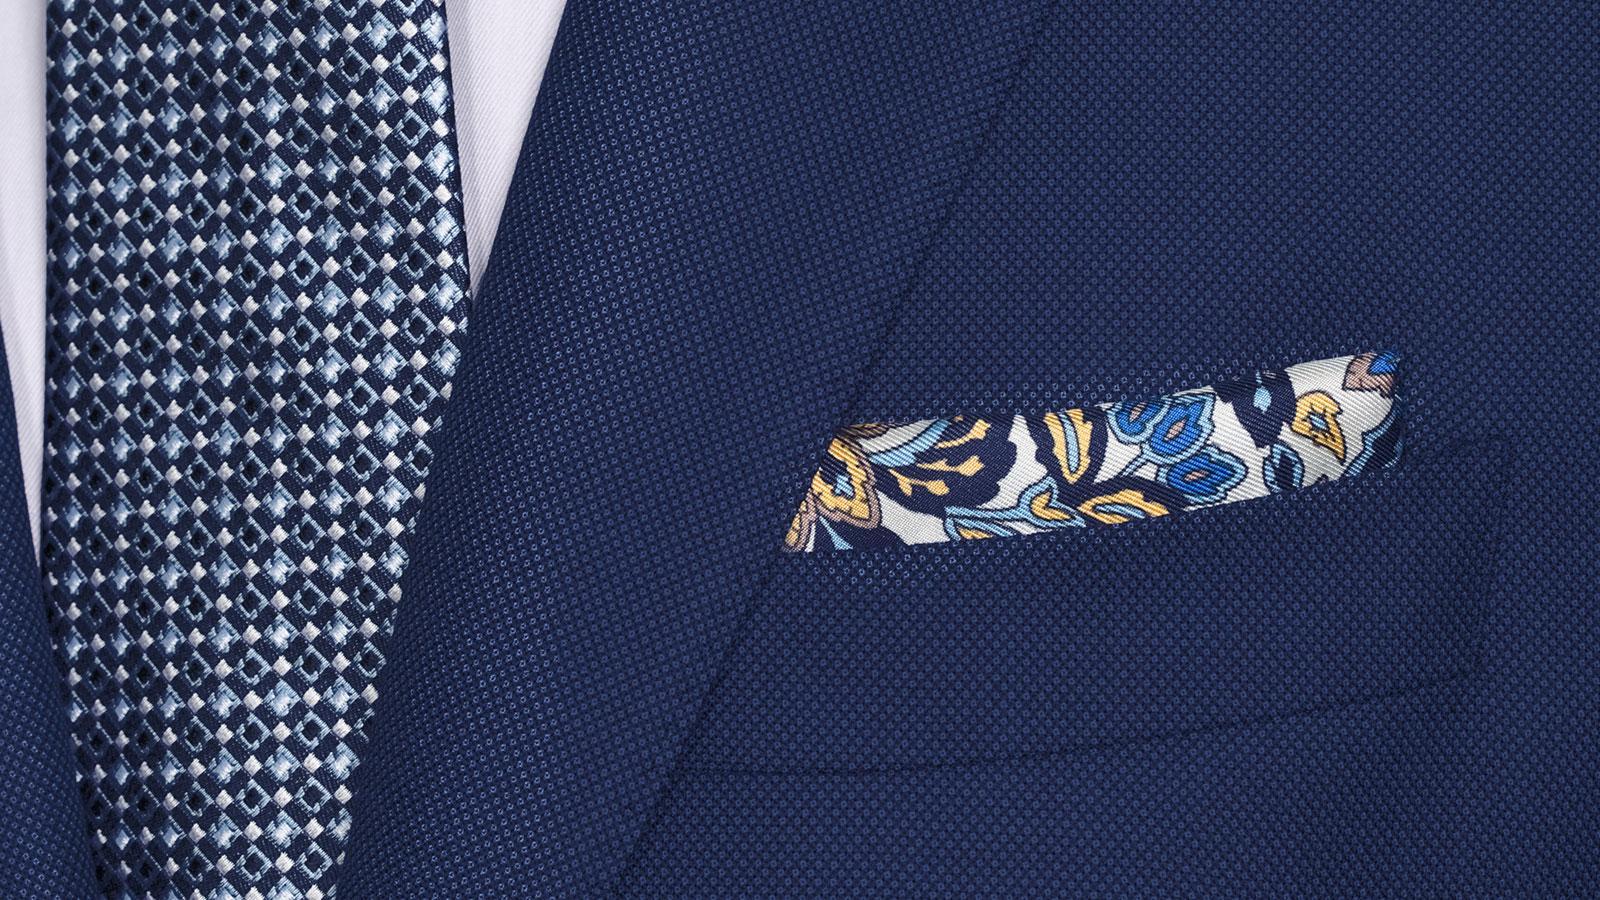 Sartorial Royal Blue Birdseye 160s Suit - slider image 1